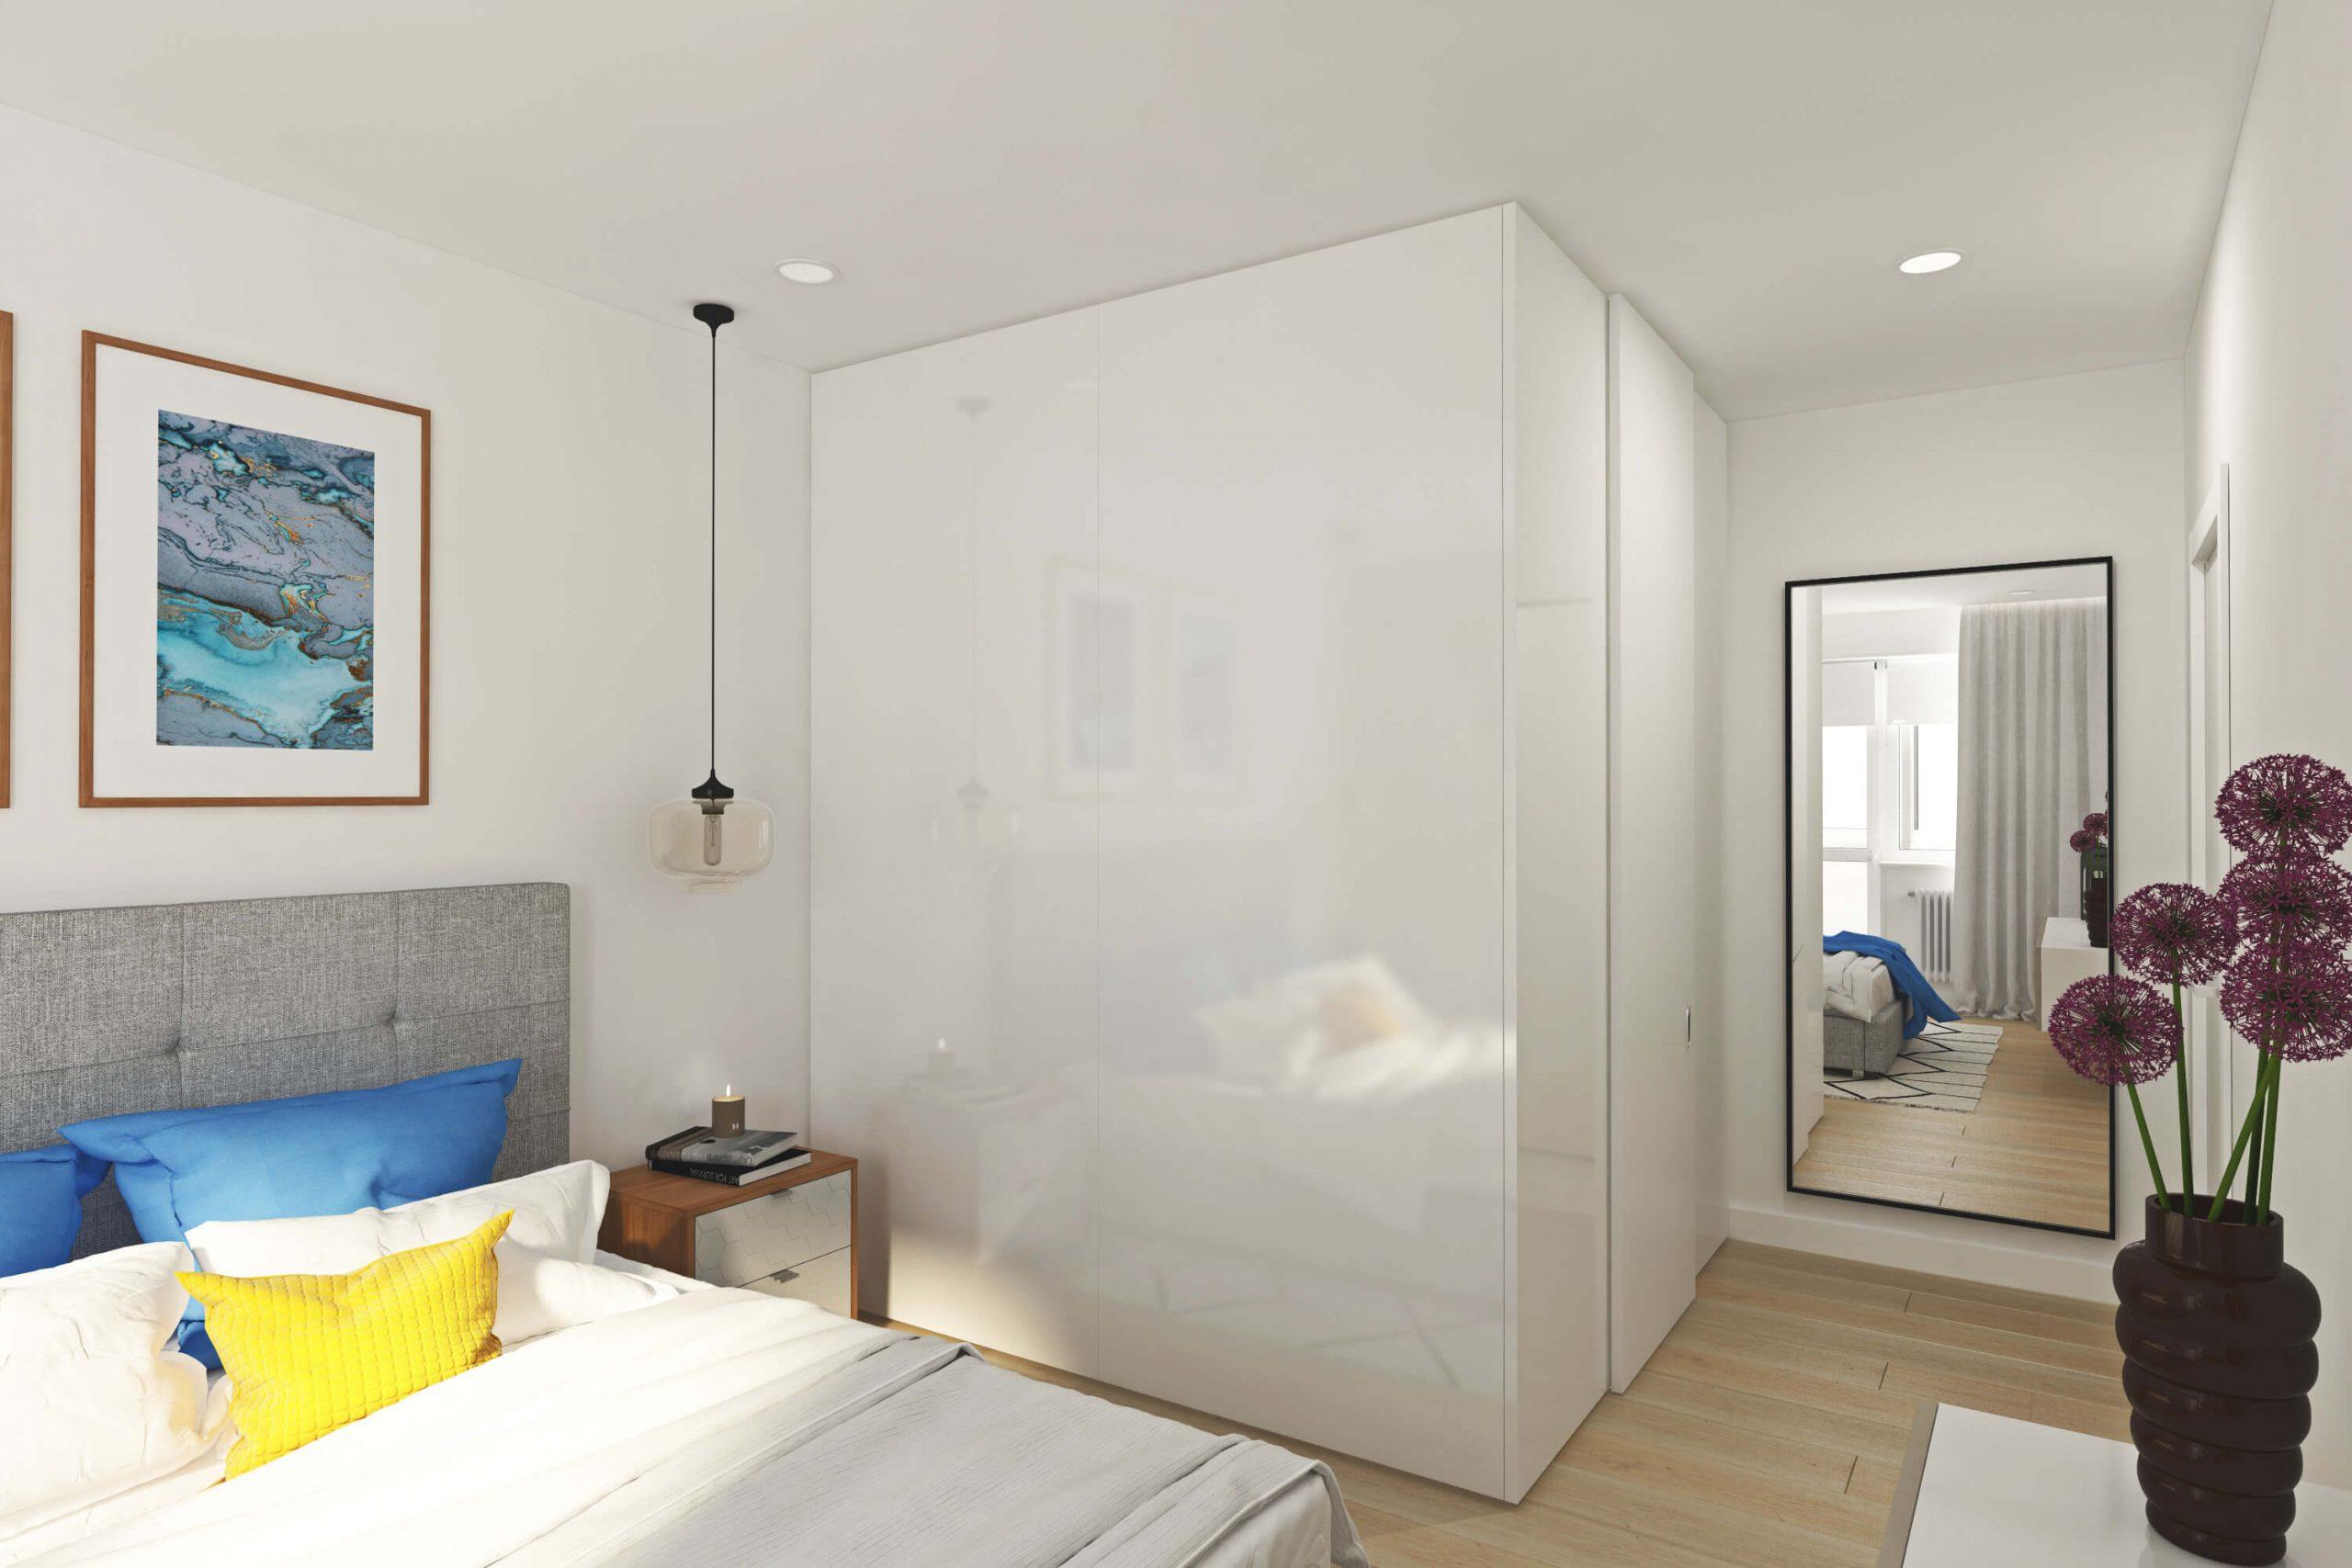 Дизайн квартиры-студии для девушки: как правильно обустроить